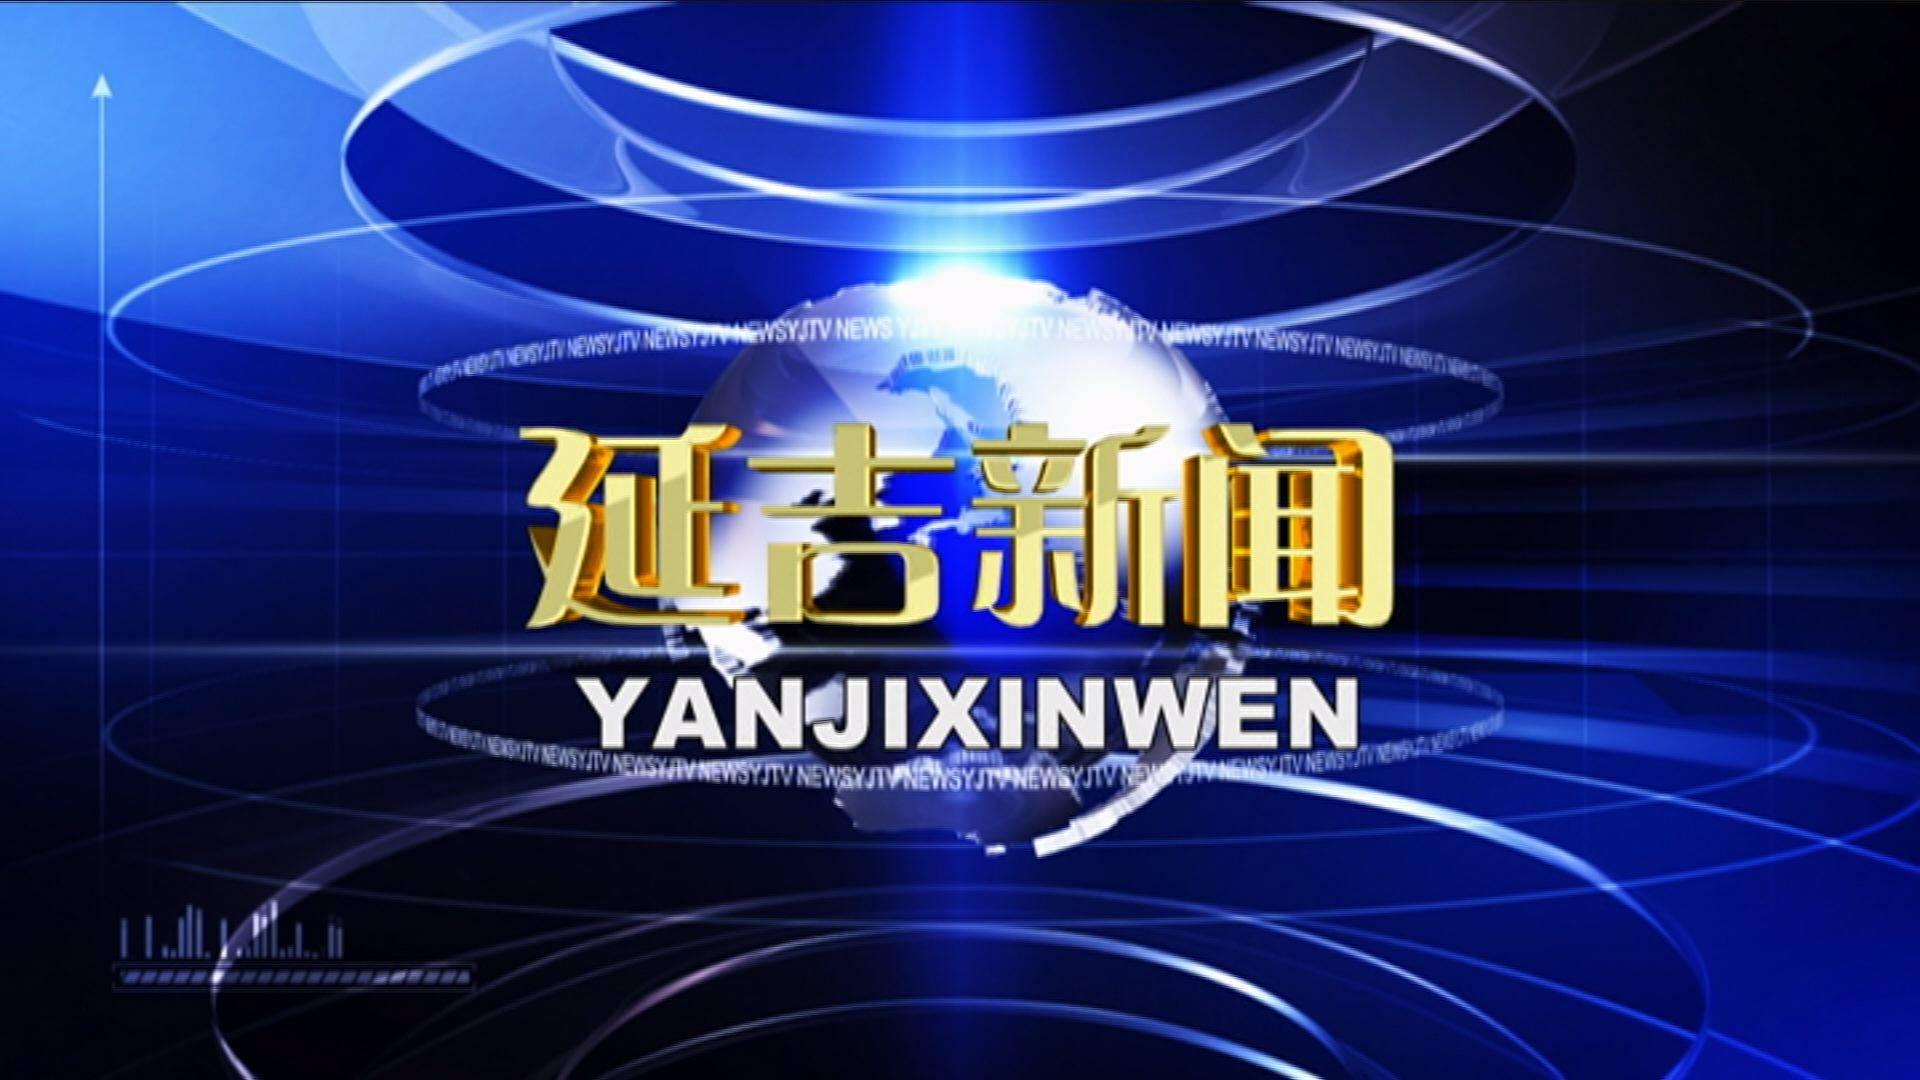 2020. 11. 26 延吉新闻